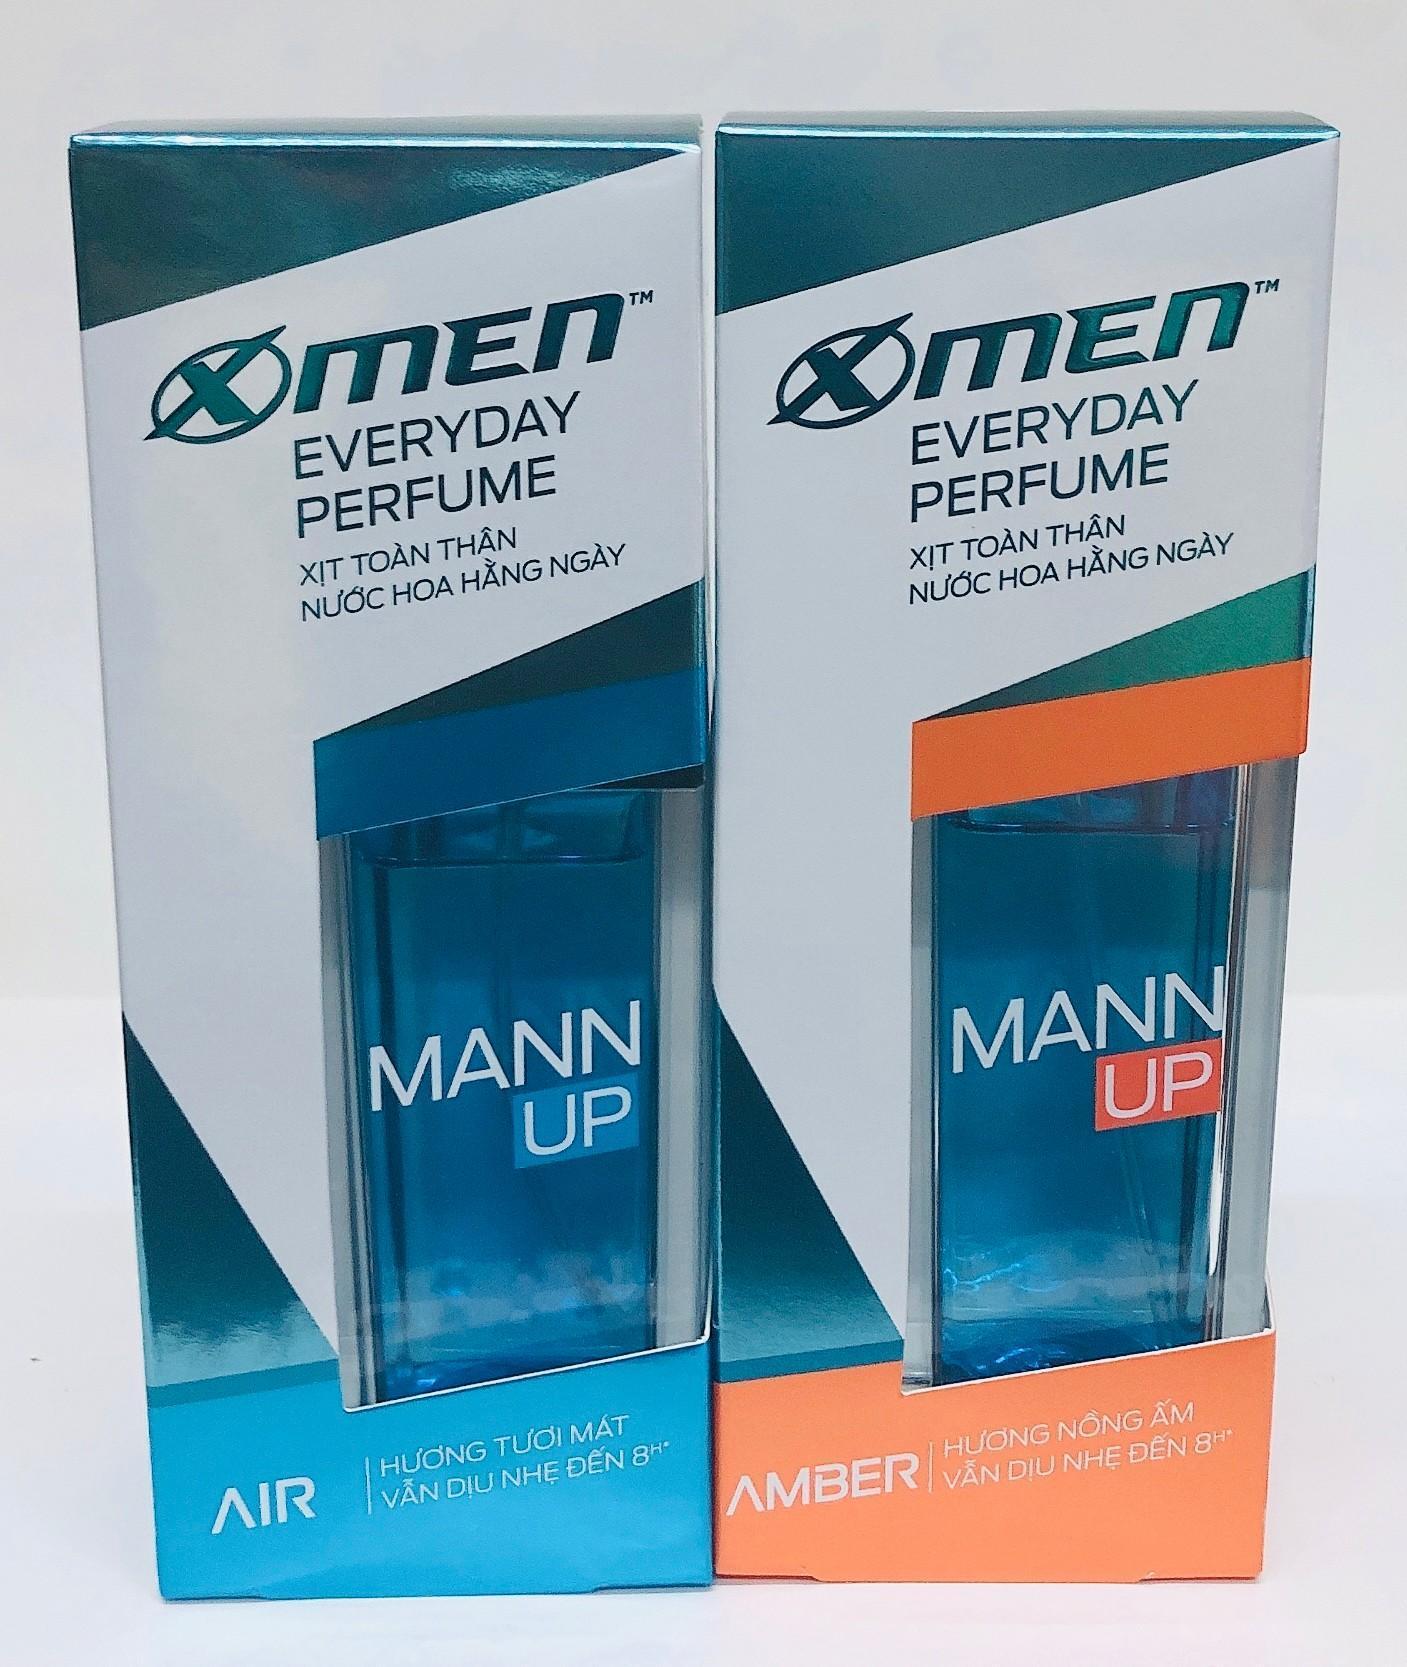 Xịt nước hoa toàn thân X-Men Everyday Perfume Mann Up Amber/Air 50ml cao cấp